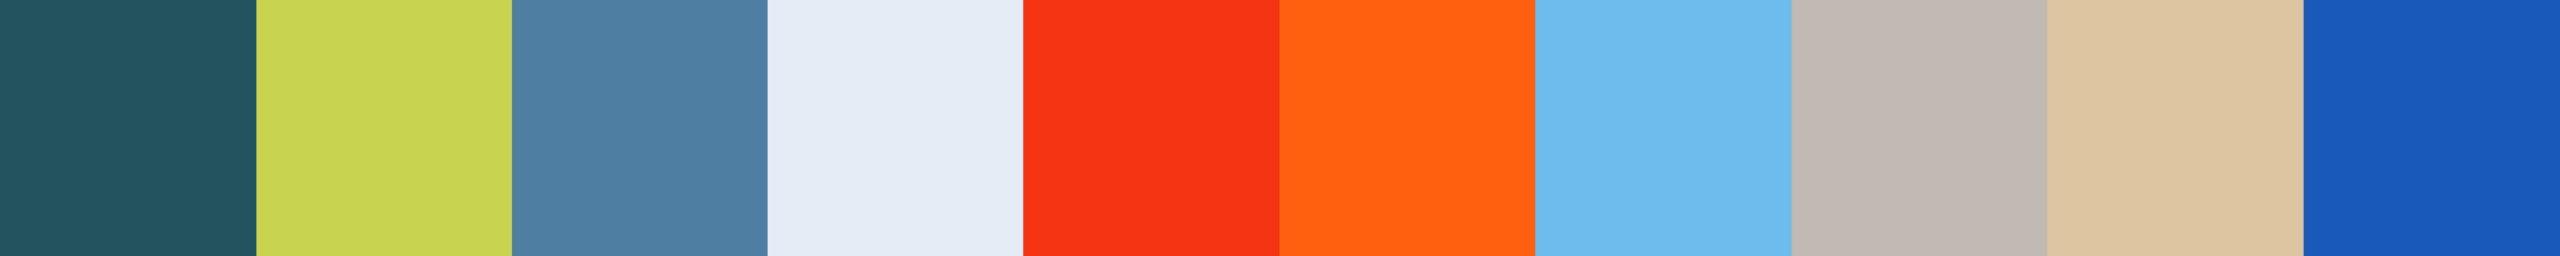 107 Koudita Color Palette